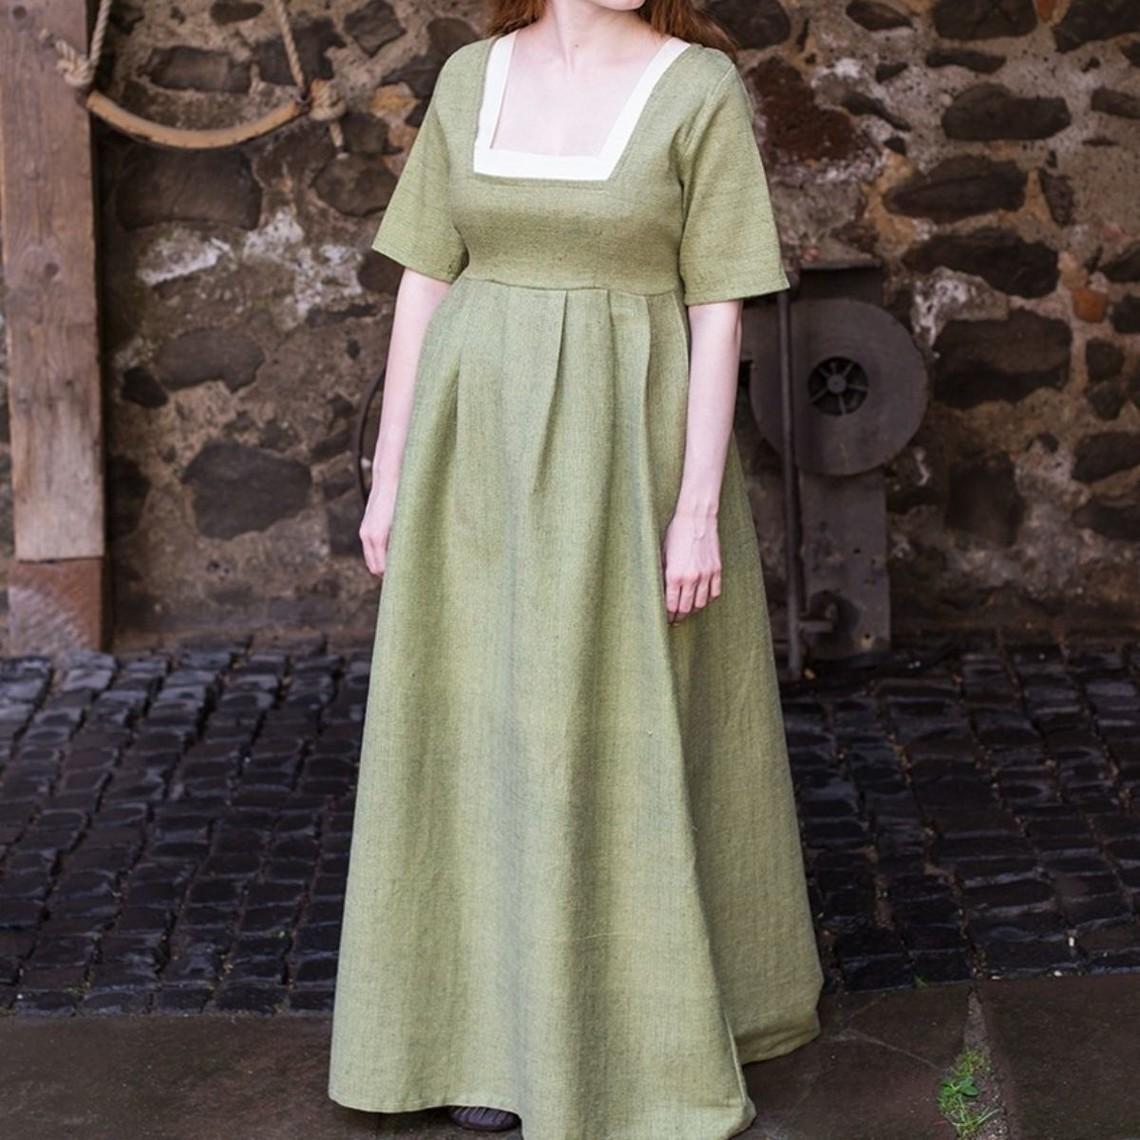 Burgschneider Średniowieczny strój Frideswinde zielony